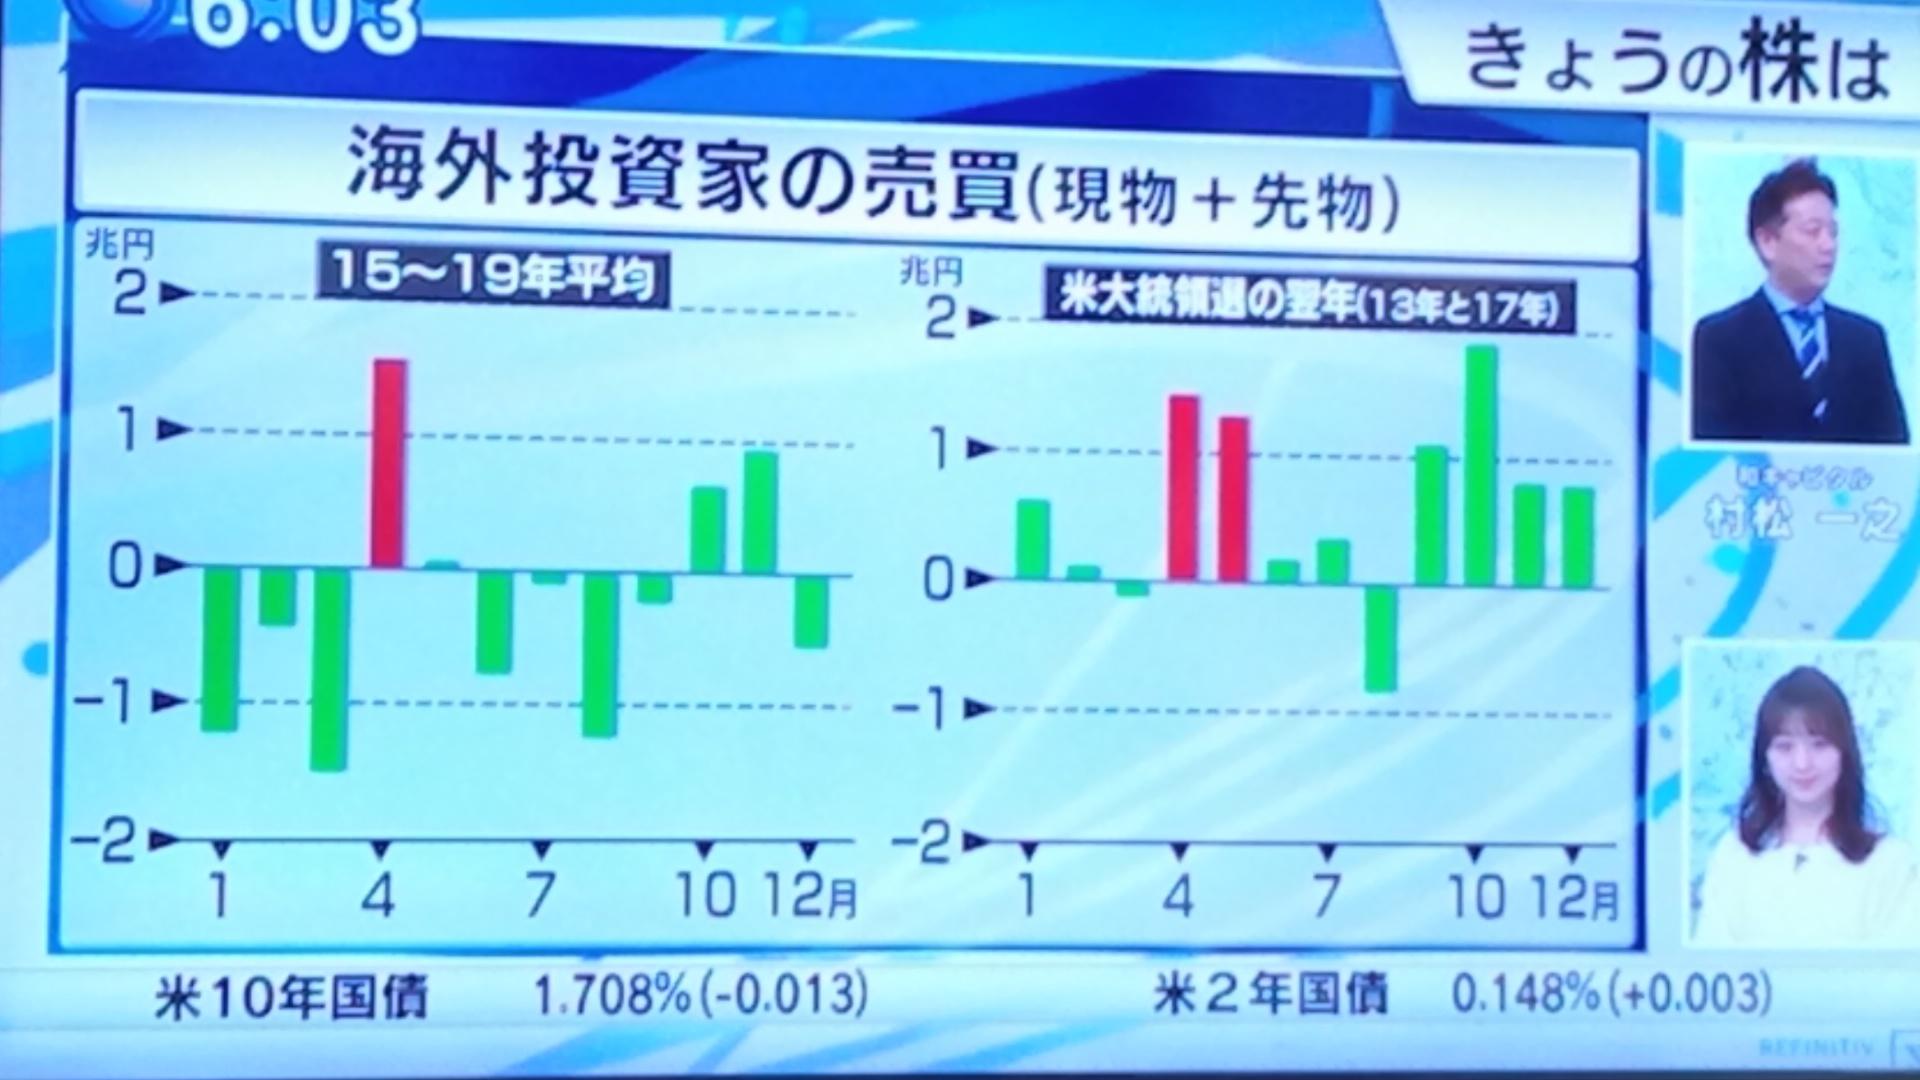 海外投資家の日本株買_d0262085_09010925.jpg